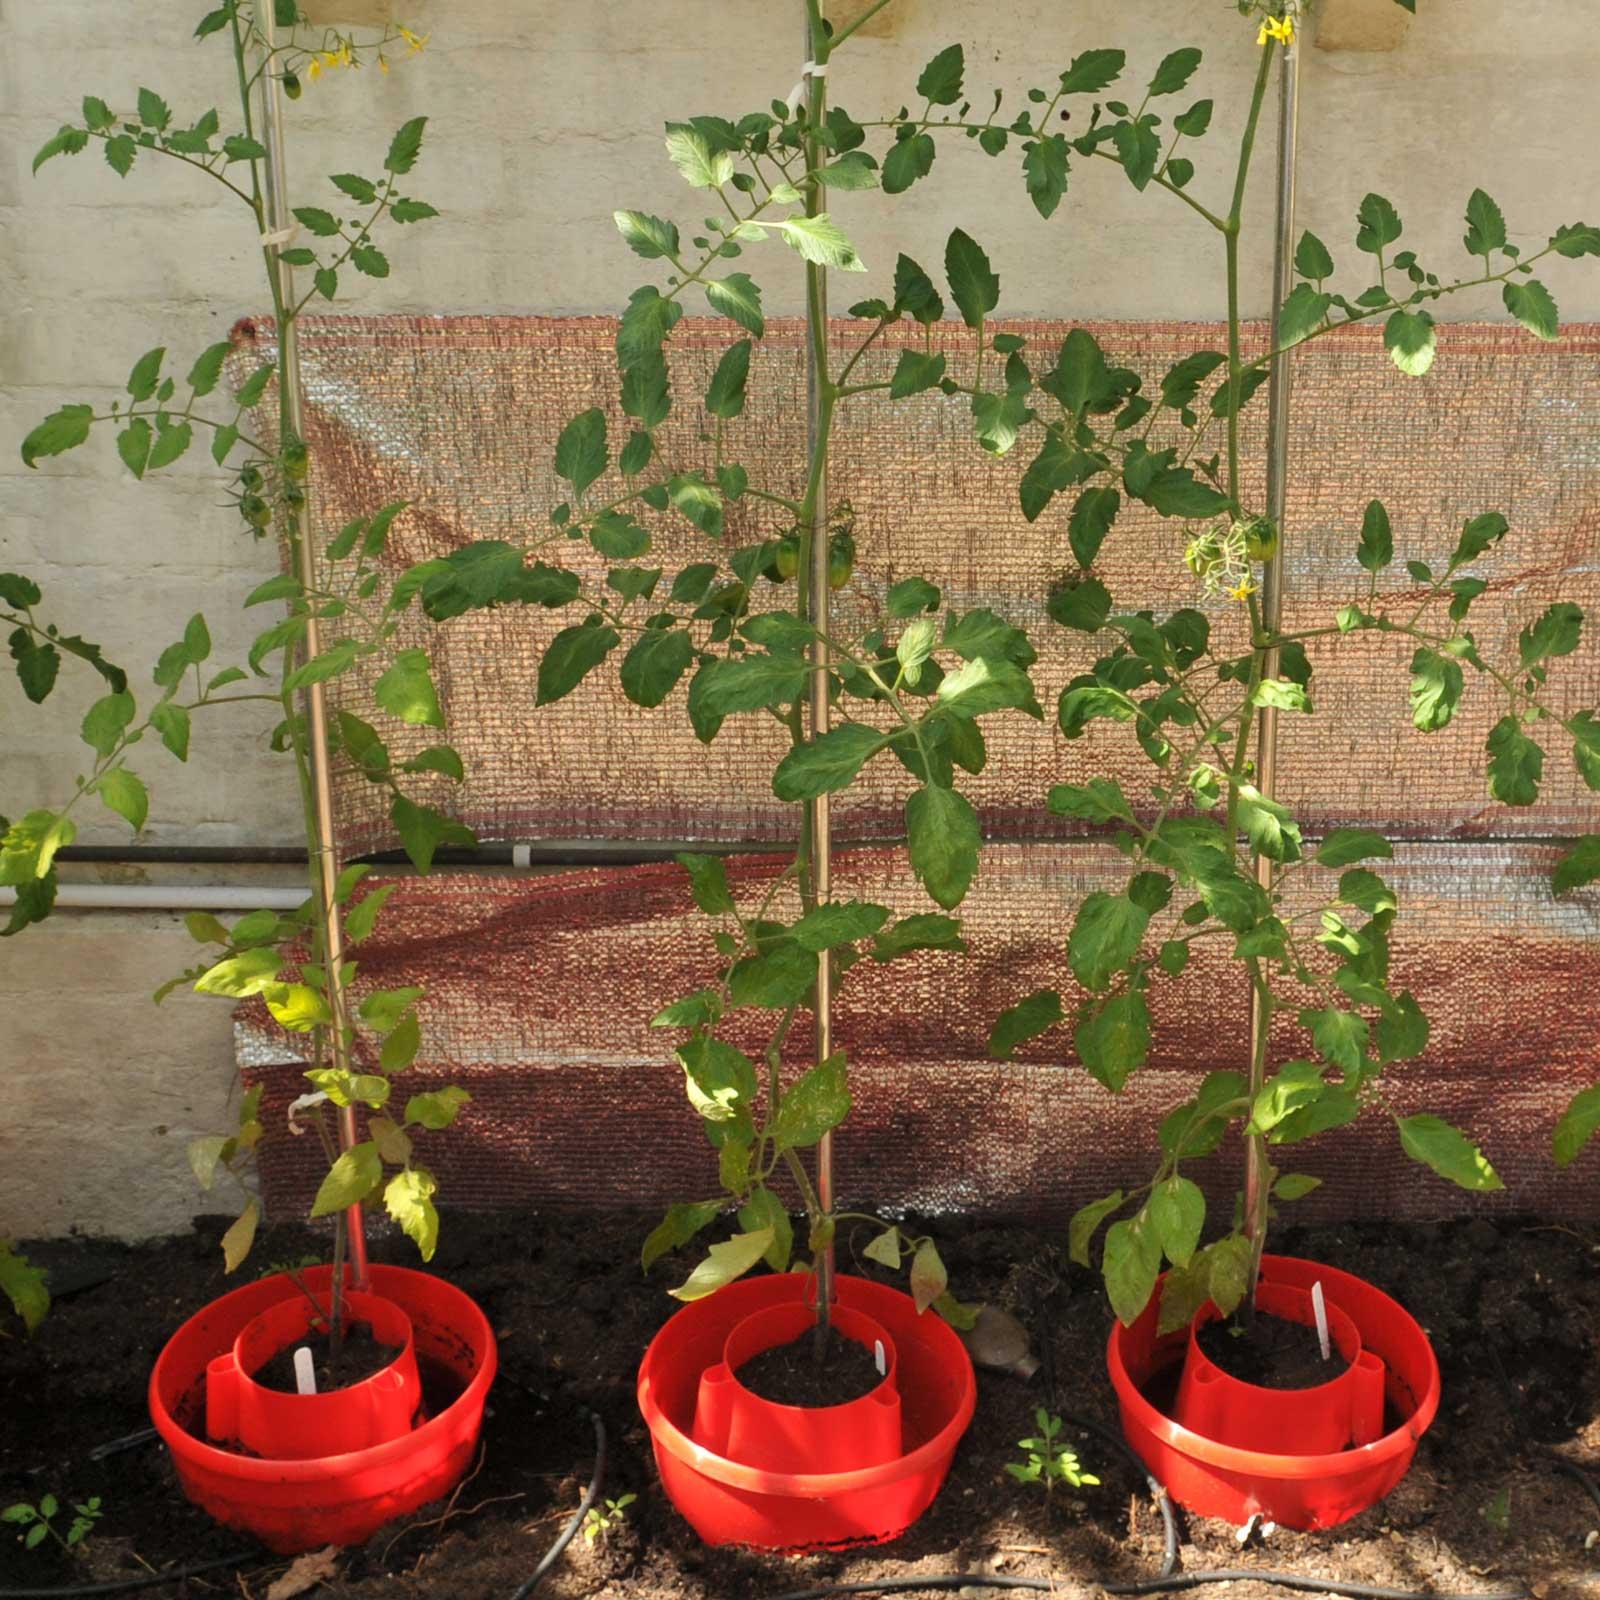 Harrod Horticultural (UK